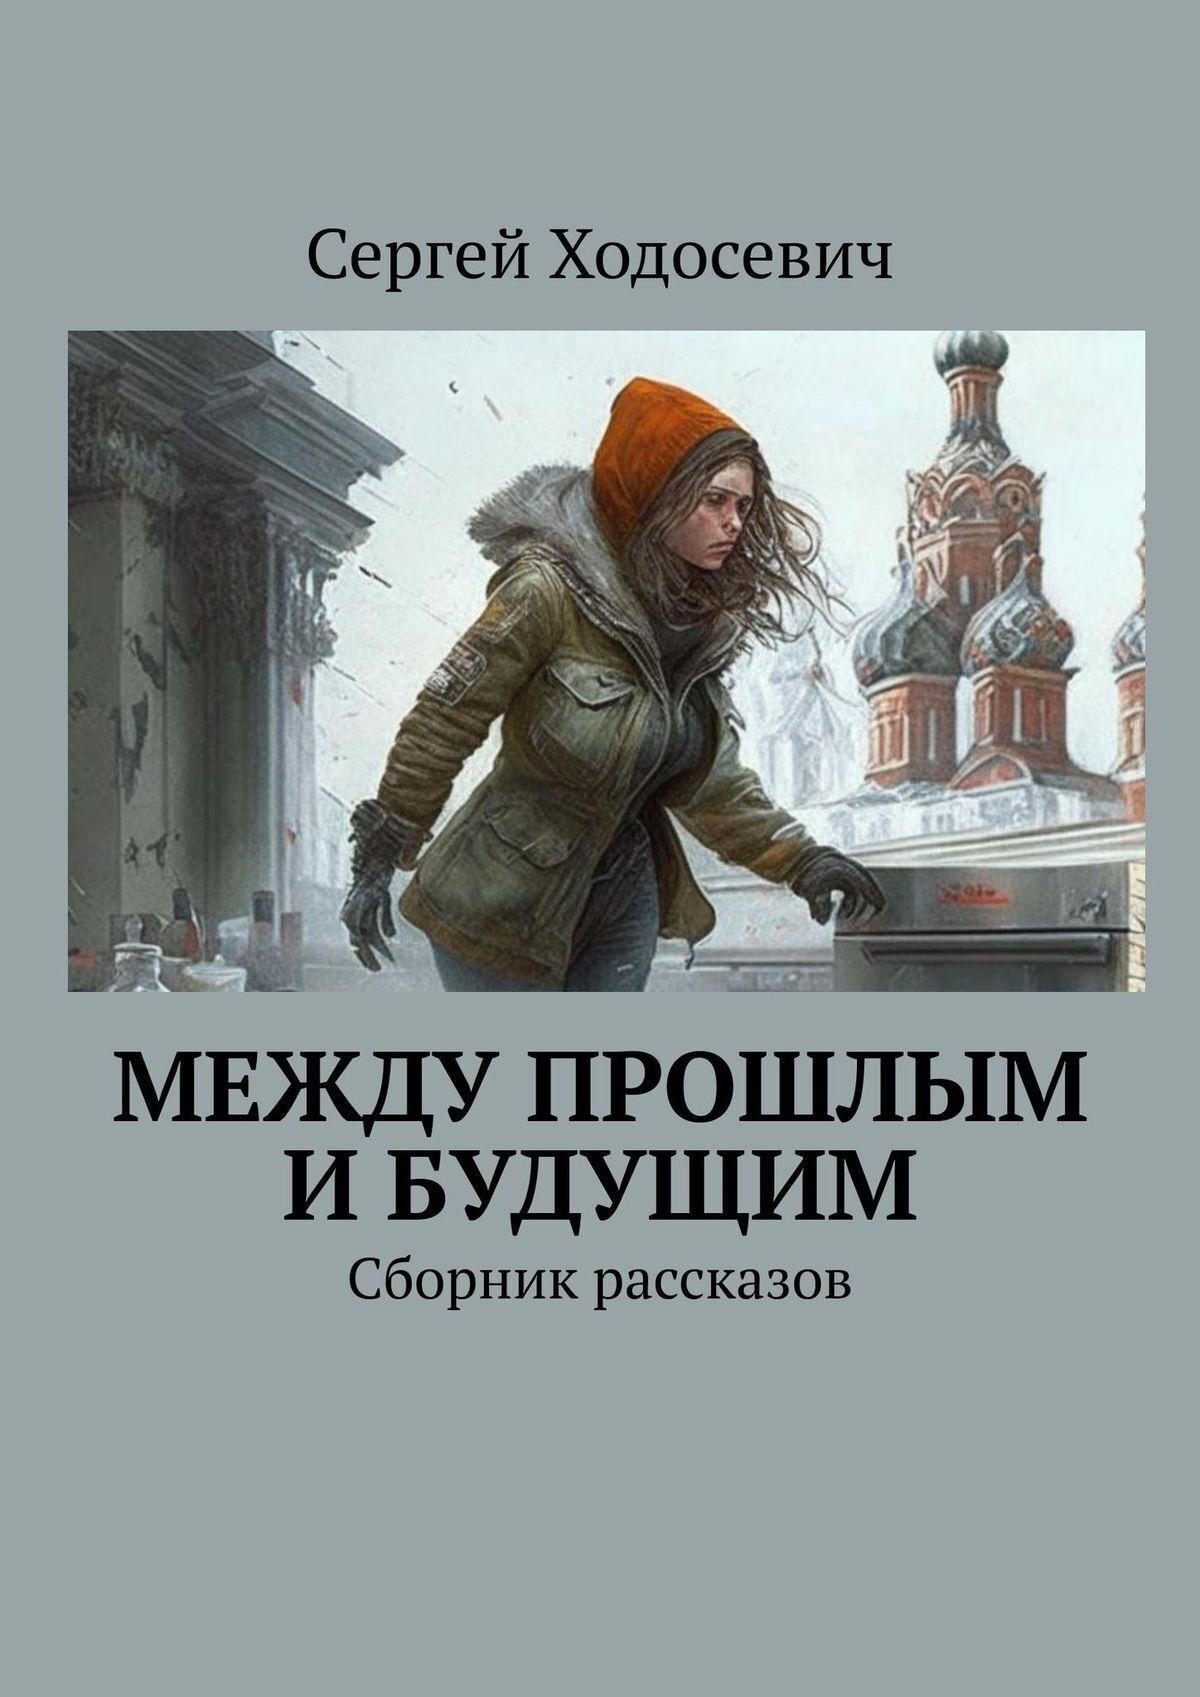 Сергей Ходосевч будущм. Сборнк рассказов